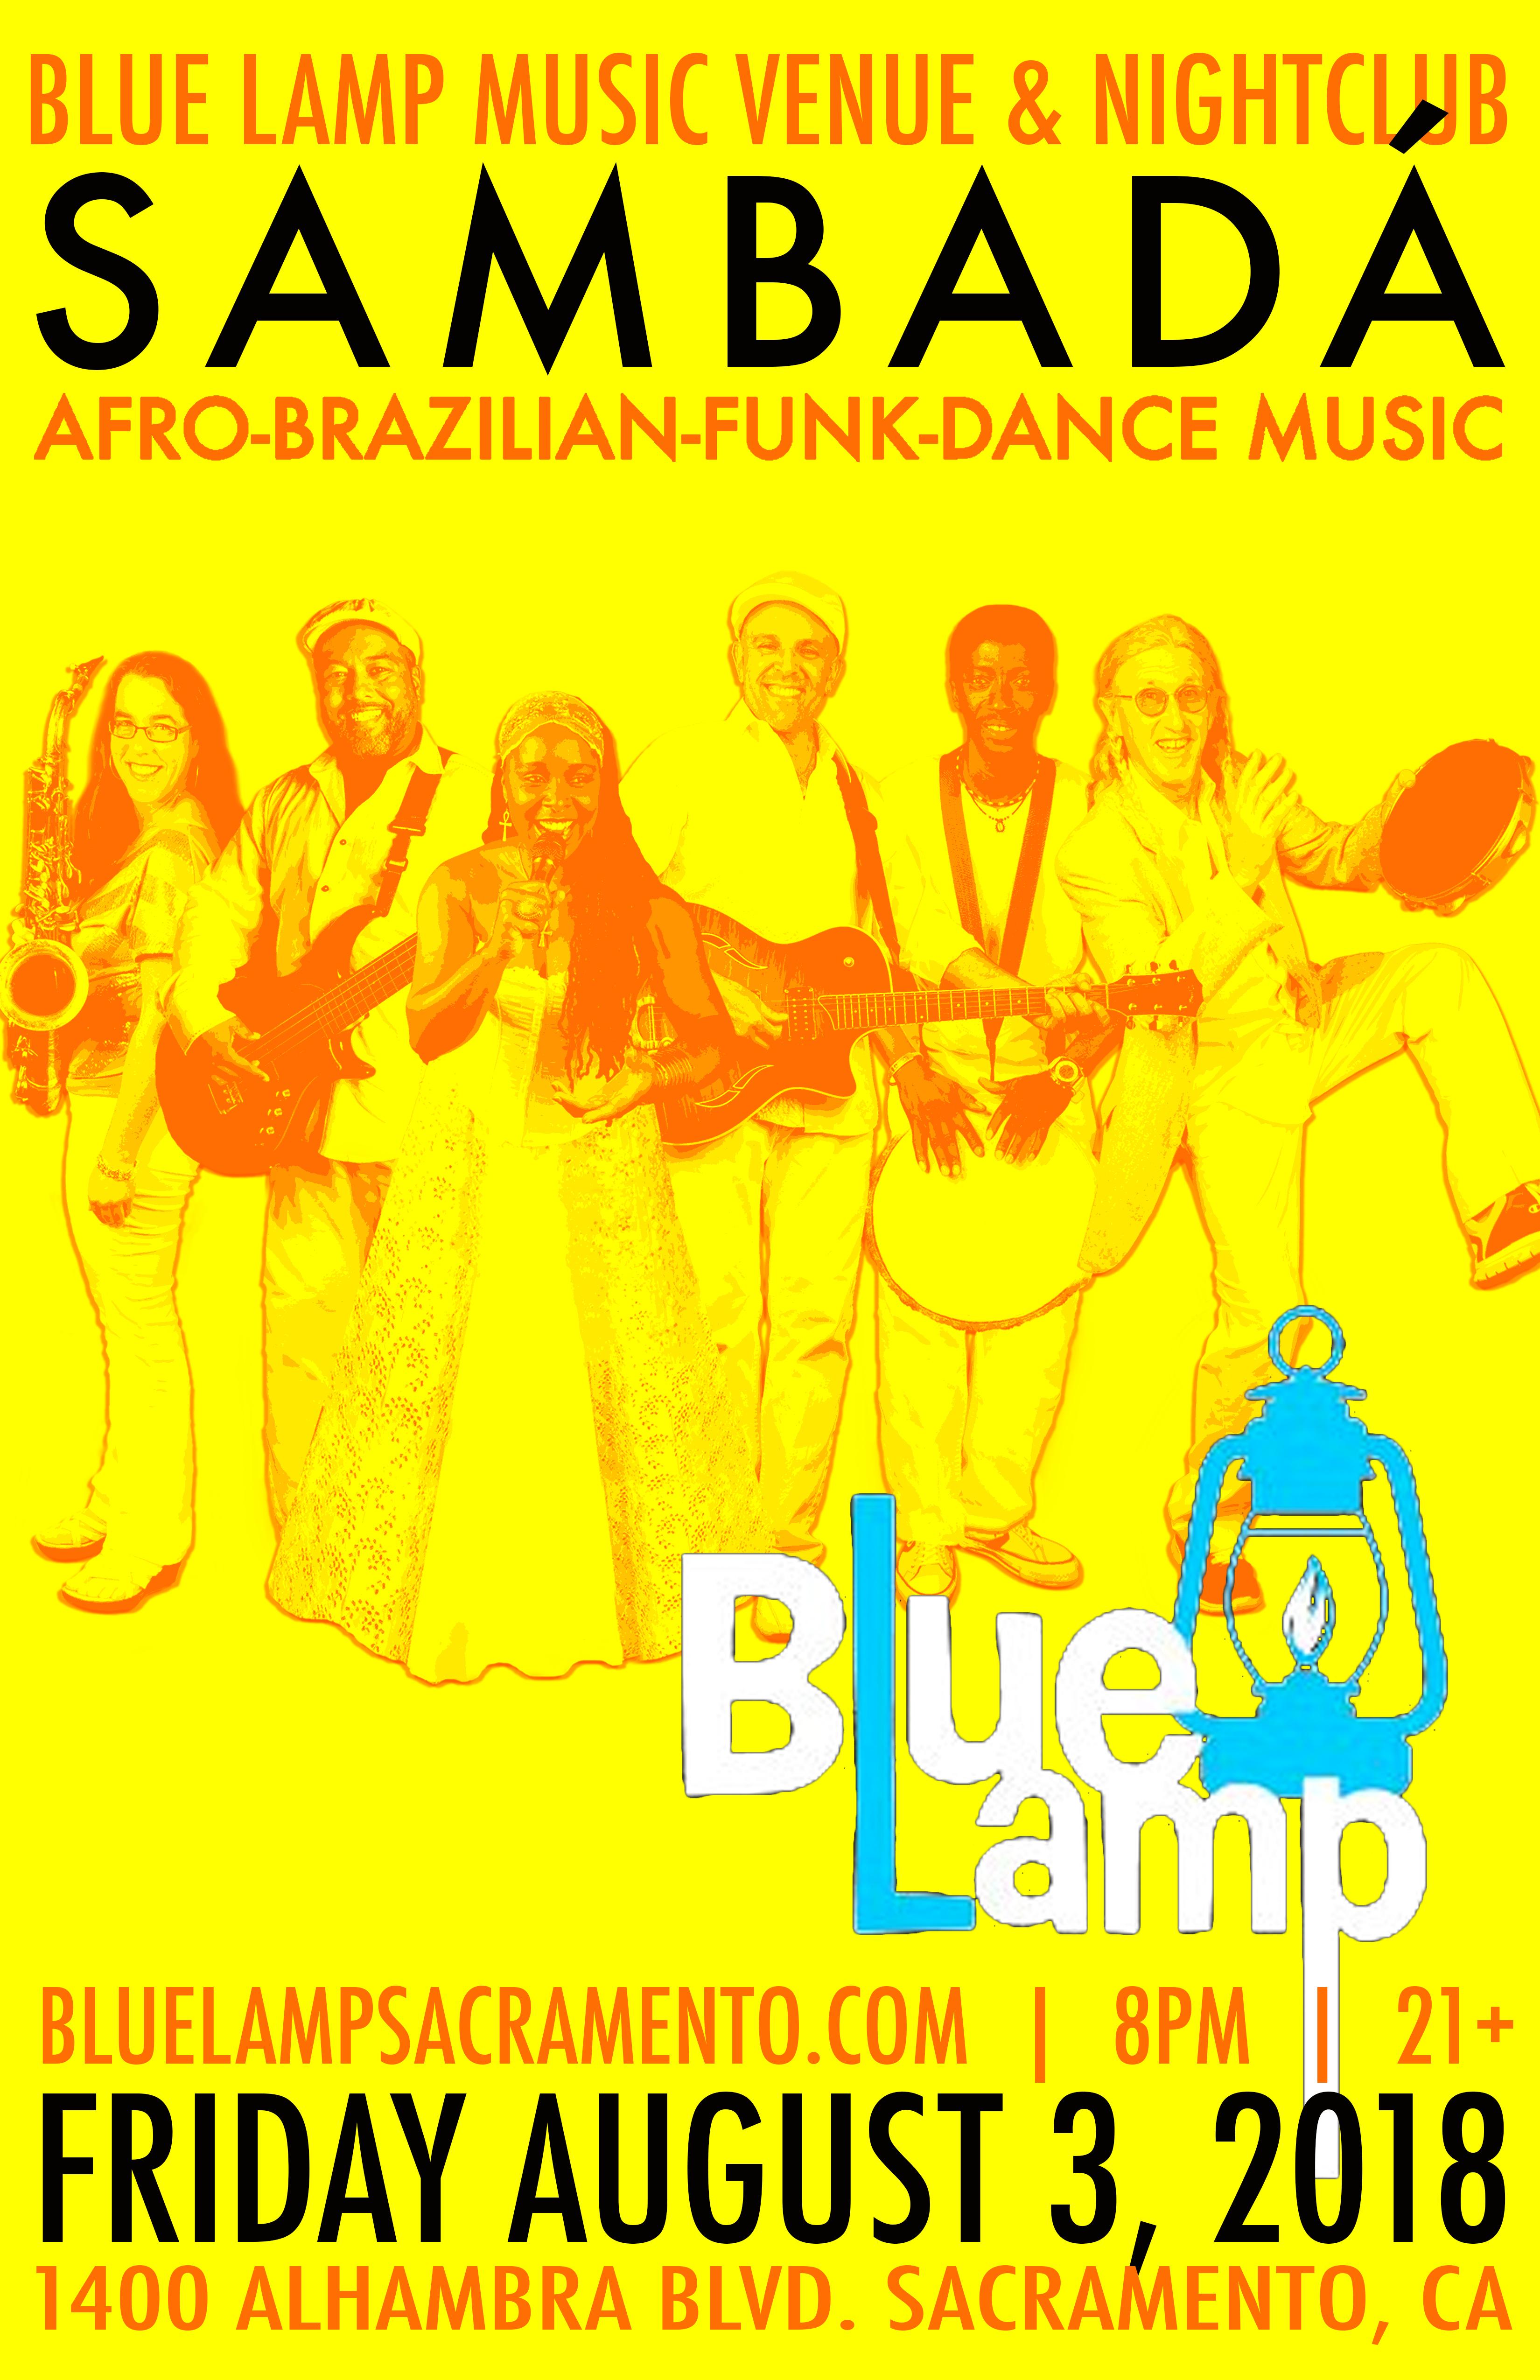 FRI.AUG.3 – BLUE LAMP – SACRAMENTO, CA